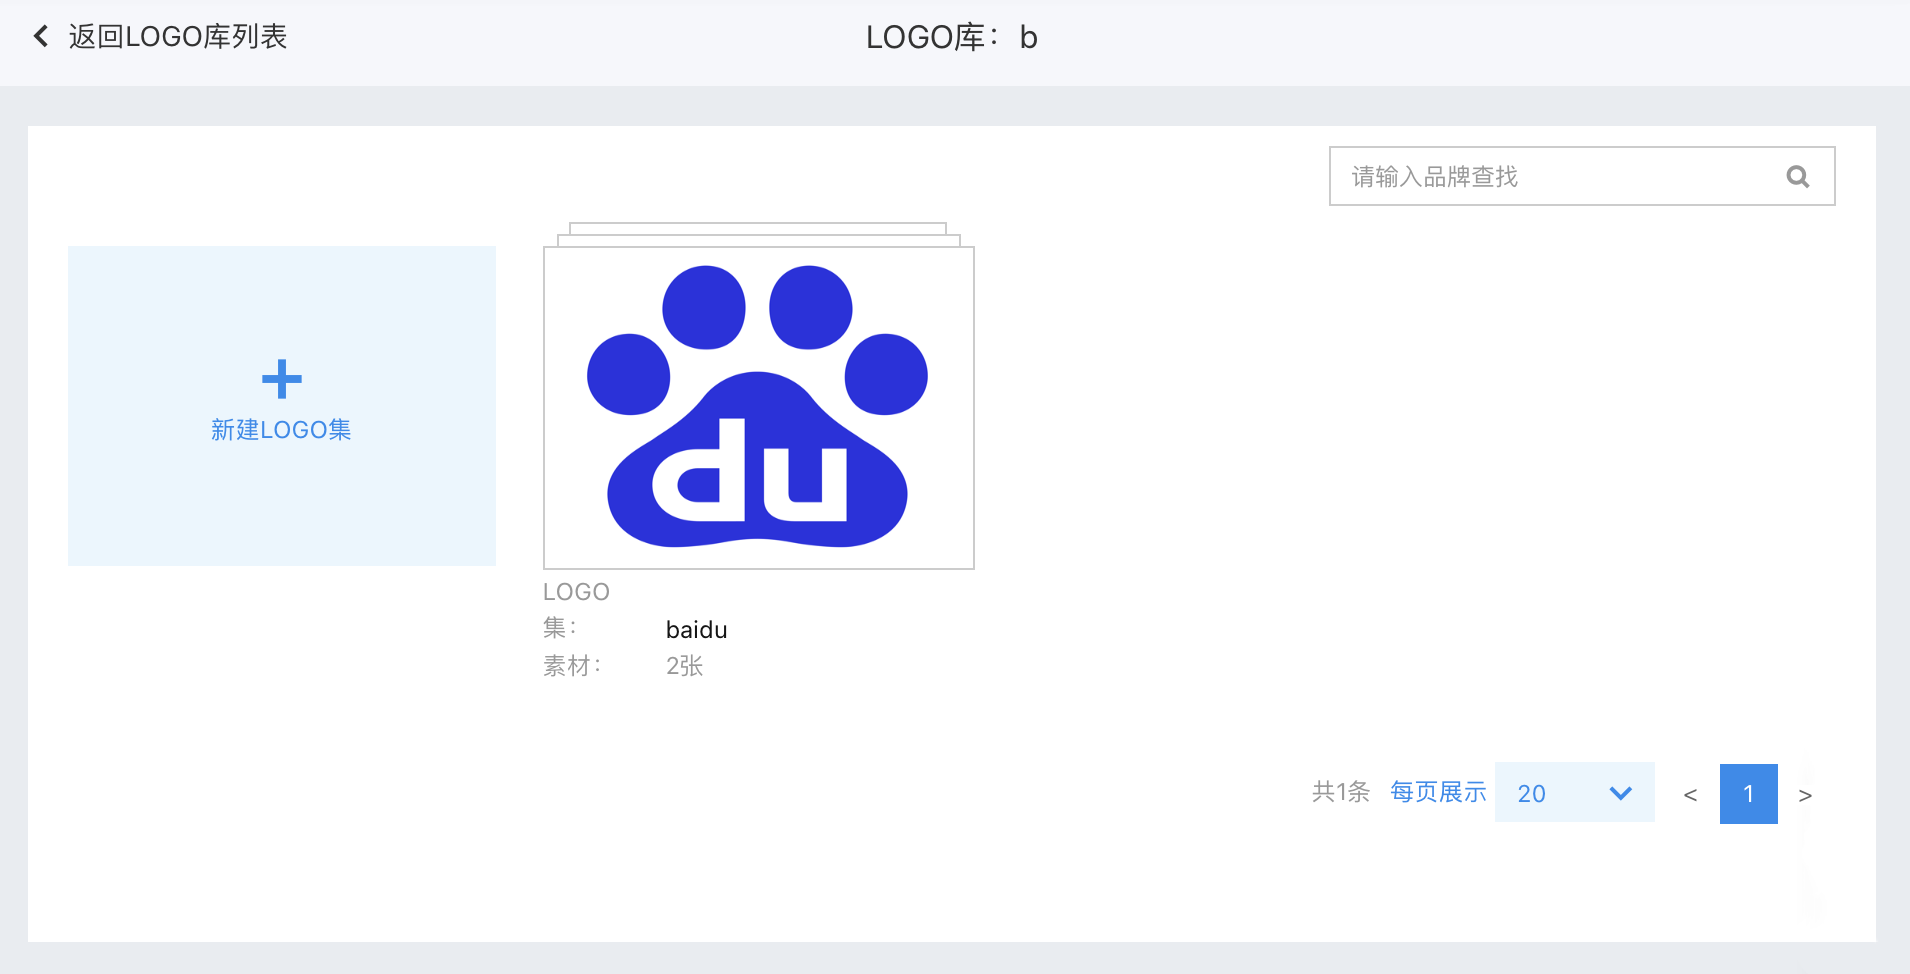 logo_lib_content.png